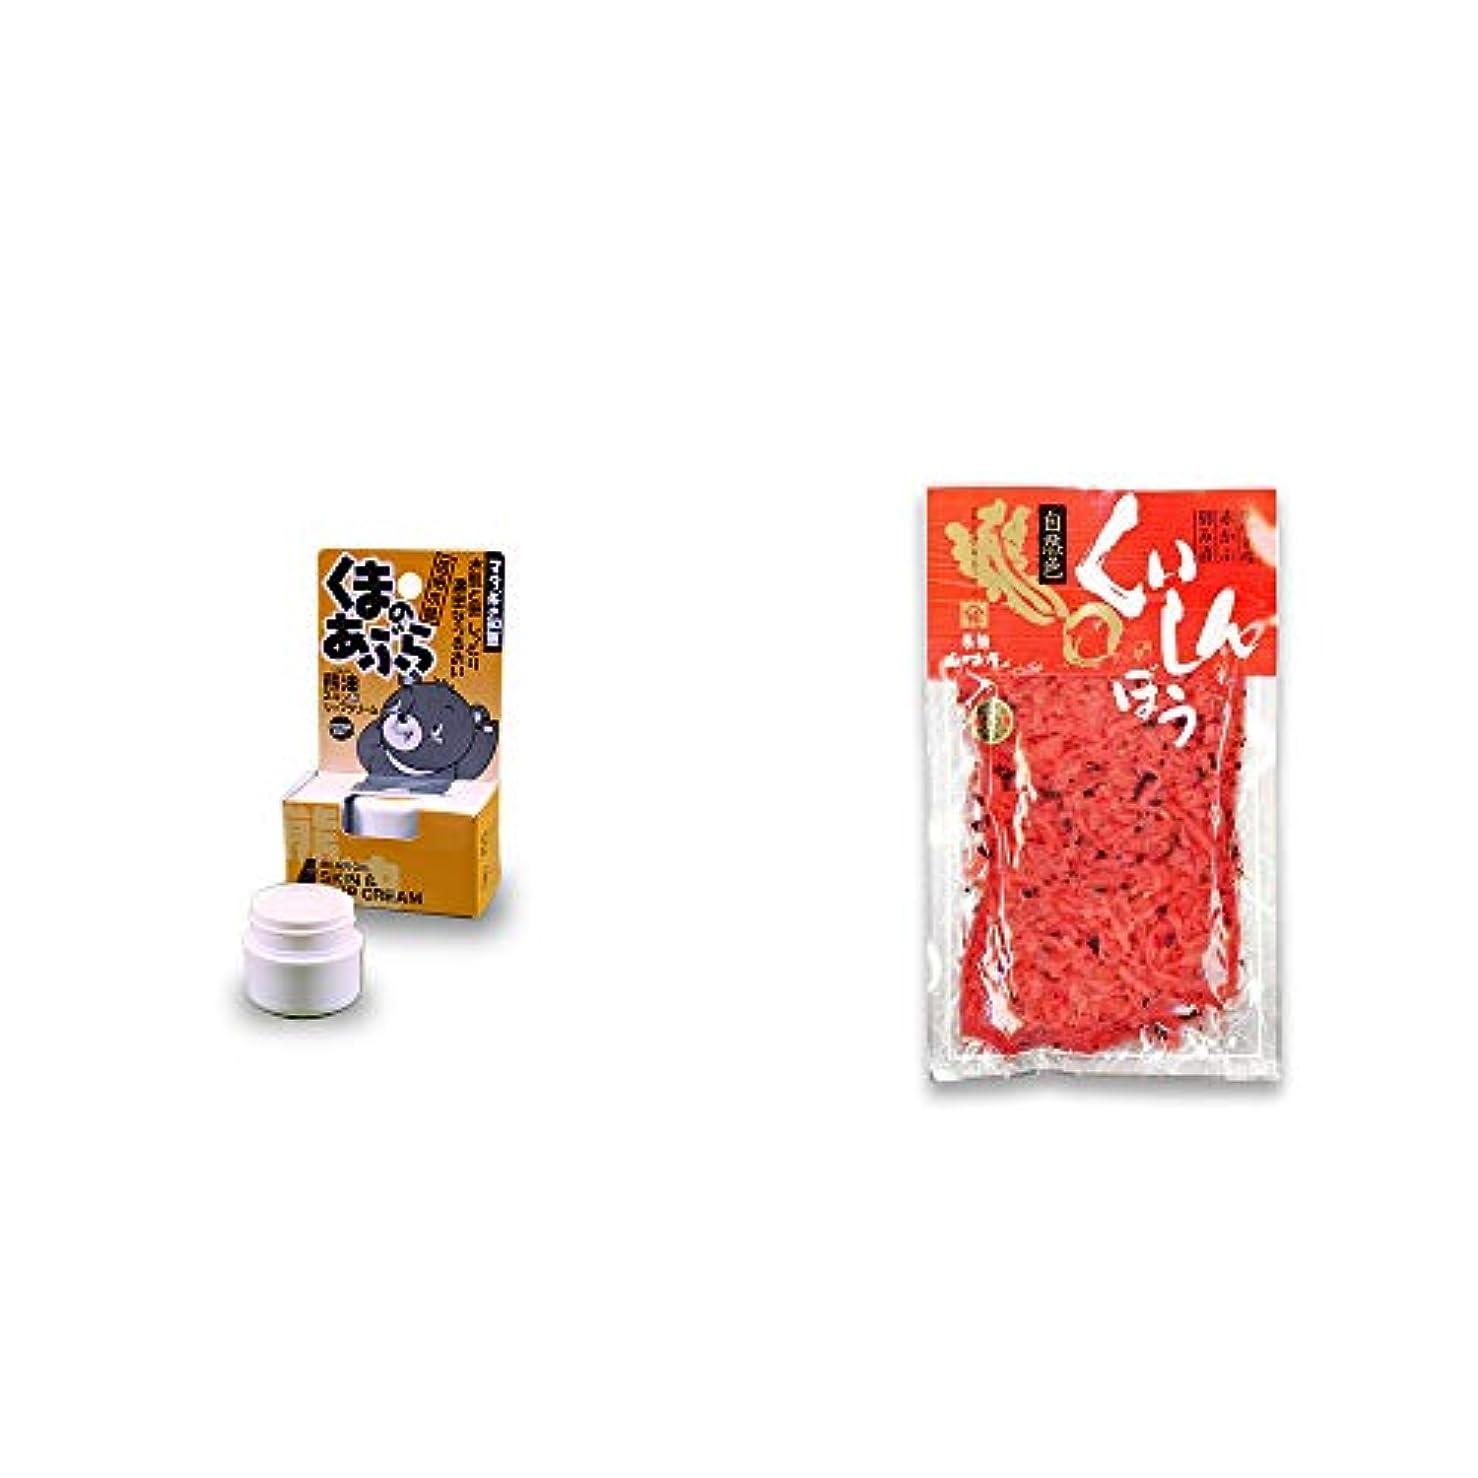 色合い損失ラケット[2点セット] 信州木曽 くまのあぶら 熊油スキン&リップクリーム(9g)?飛騨山味屋 くいしんぼう【大】(260g) [赤かぶ刻み漬け]